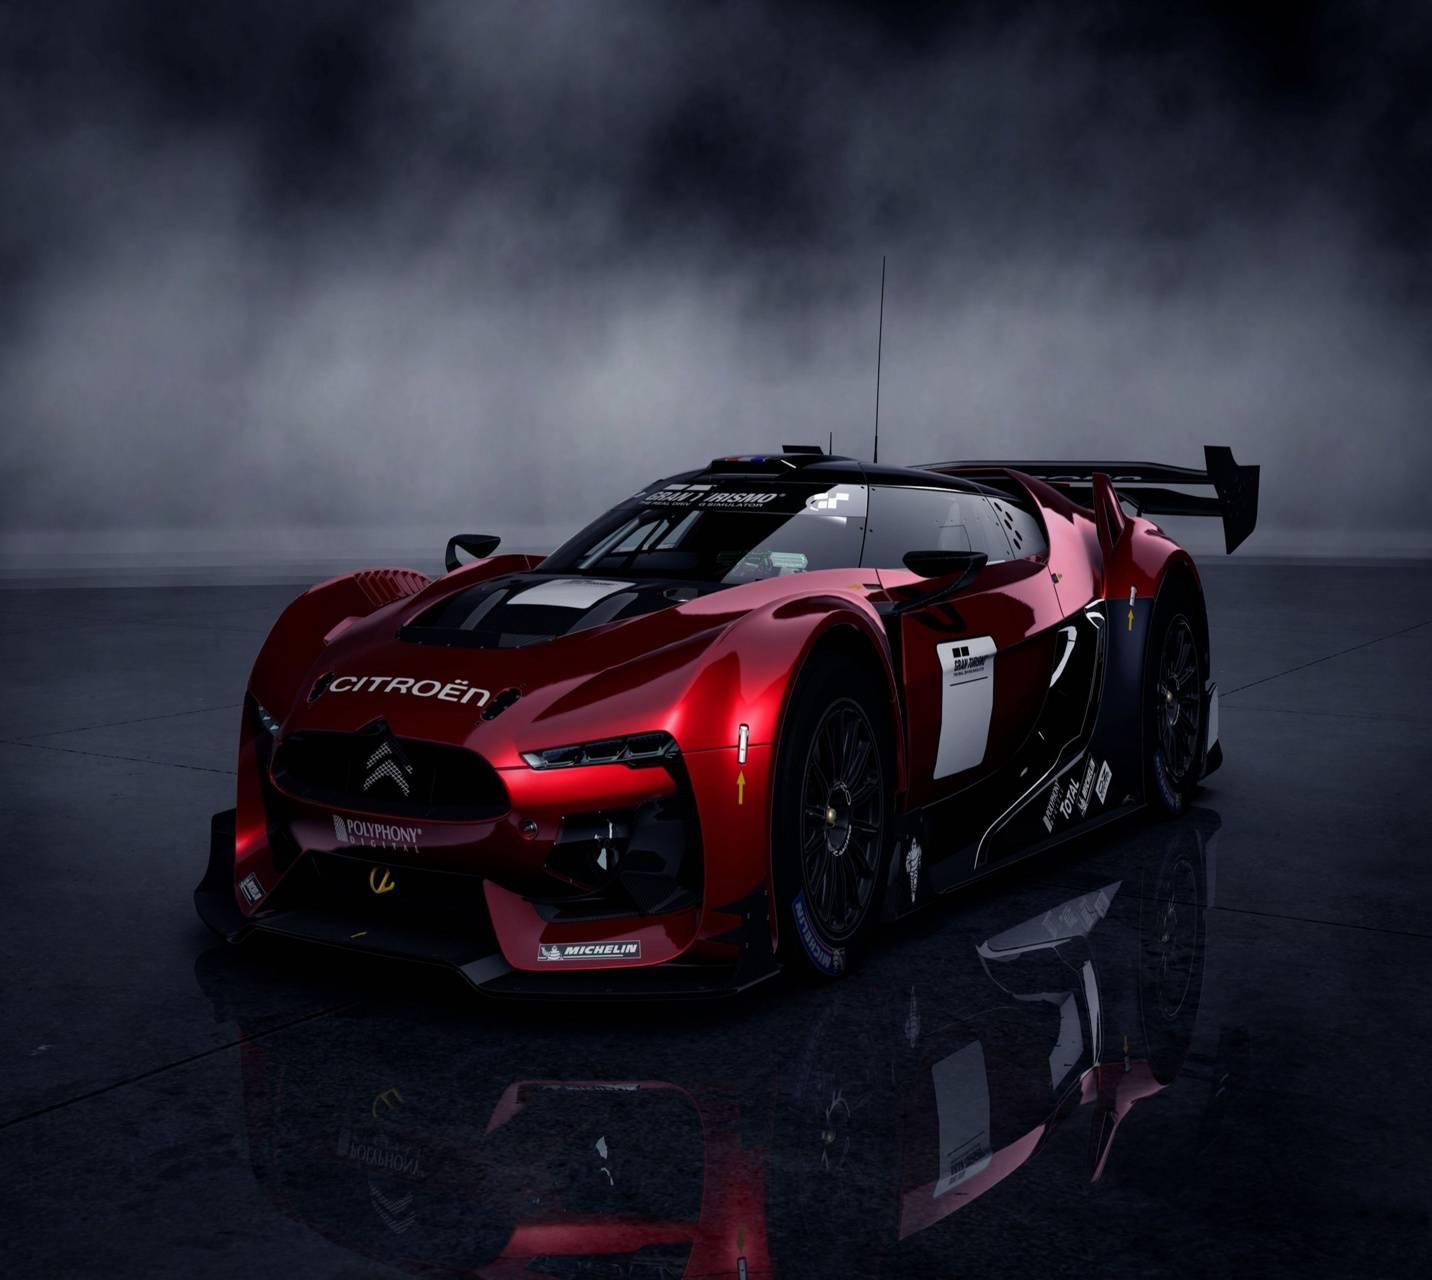 Red Citroen GT Wallpaper By _lovey_